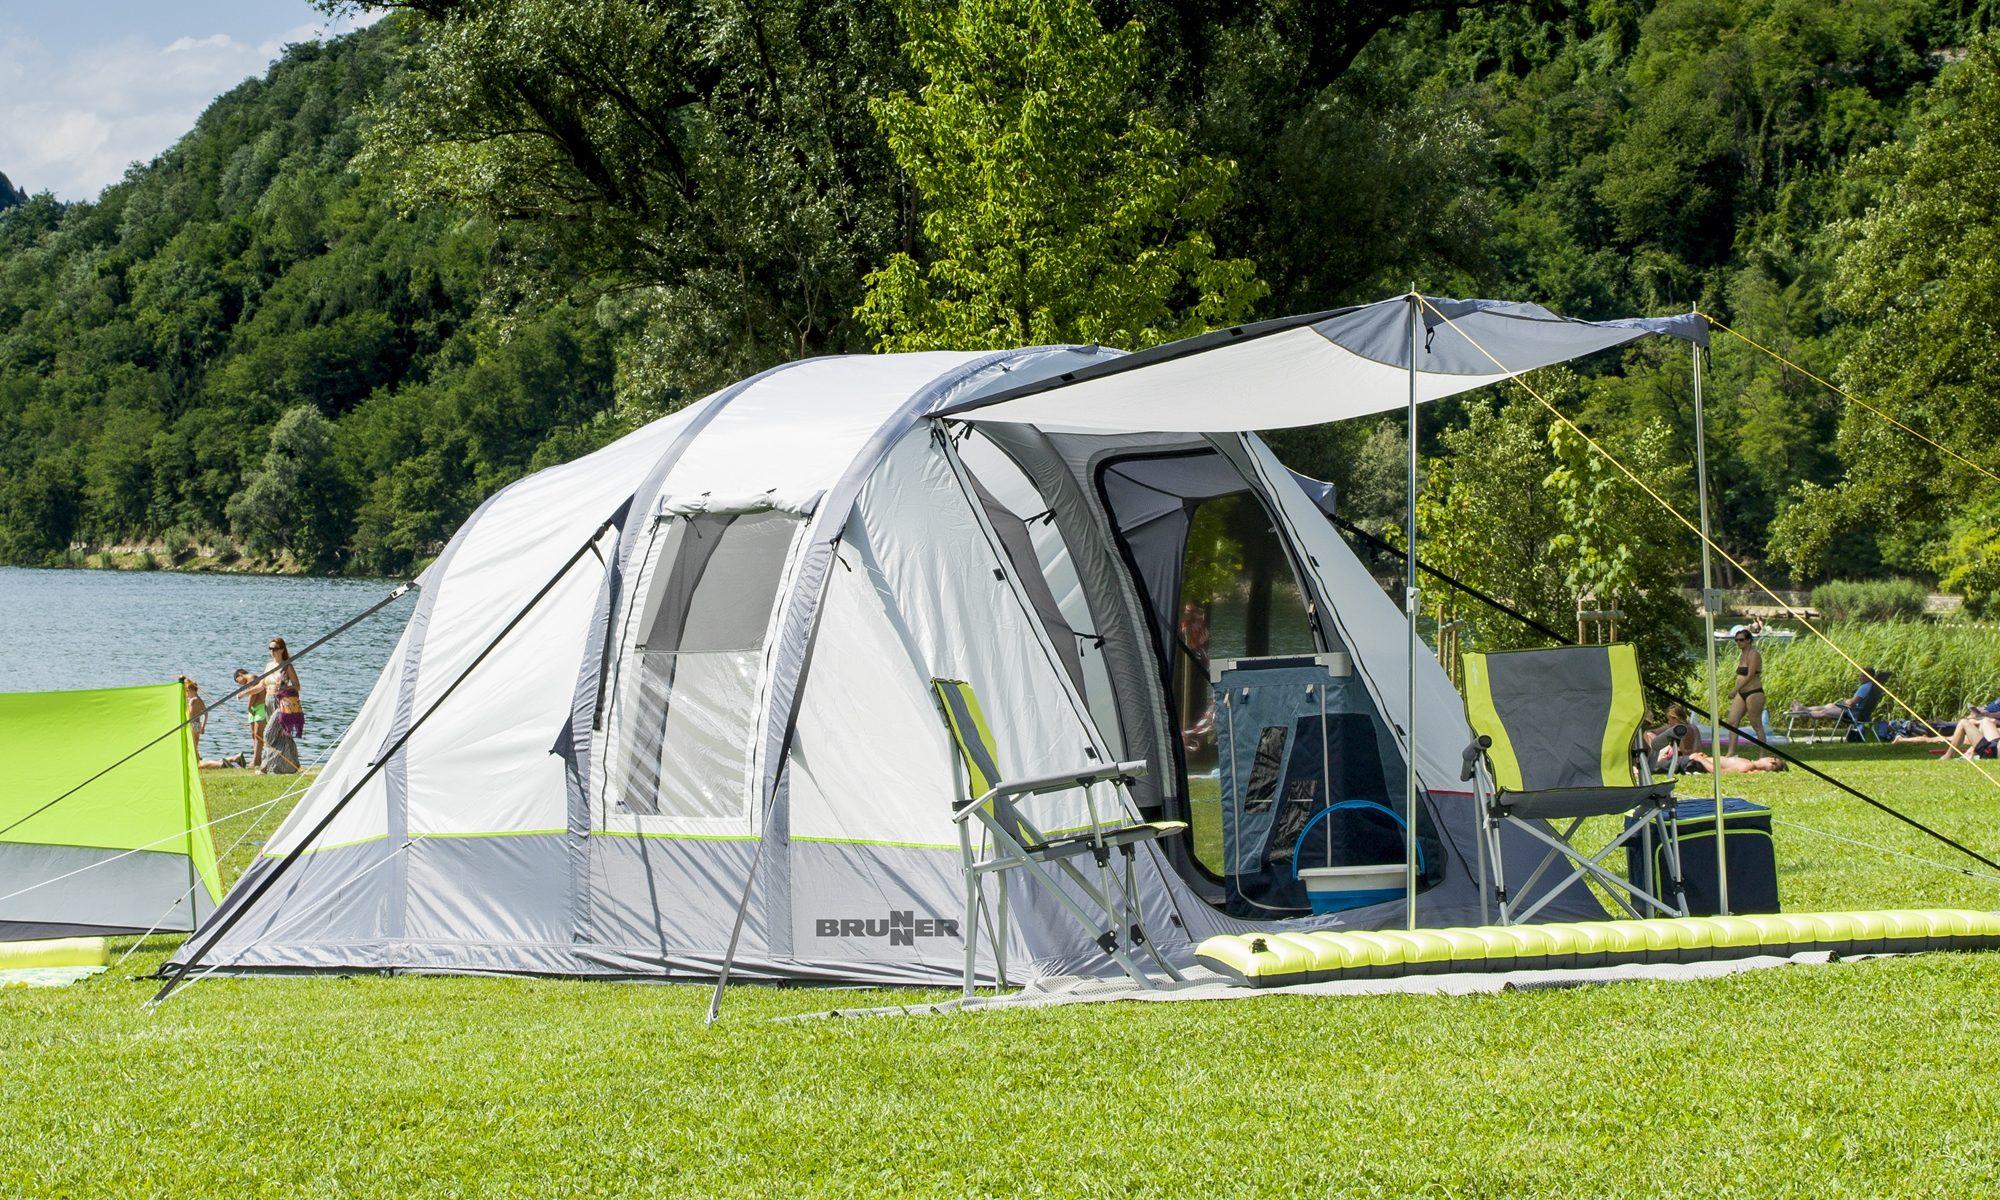 Tenda Alegra 4 AIRtech